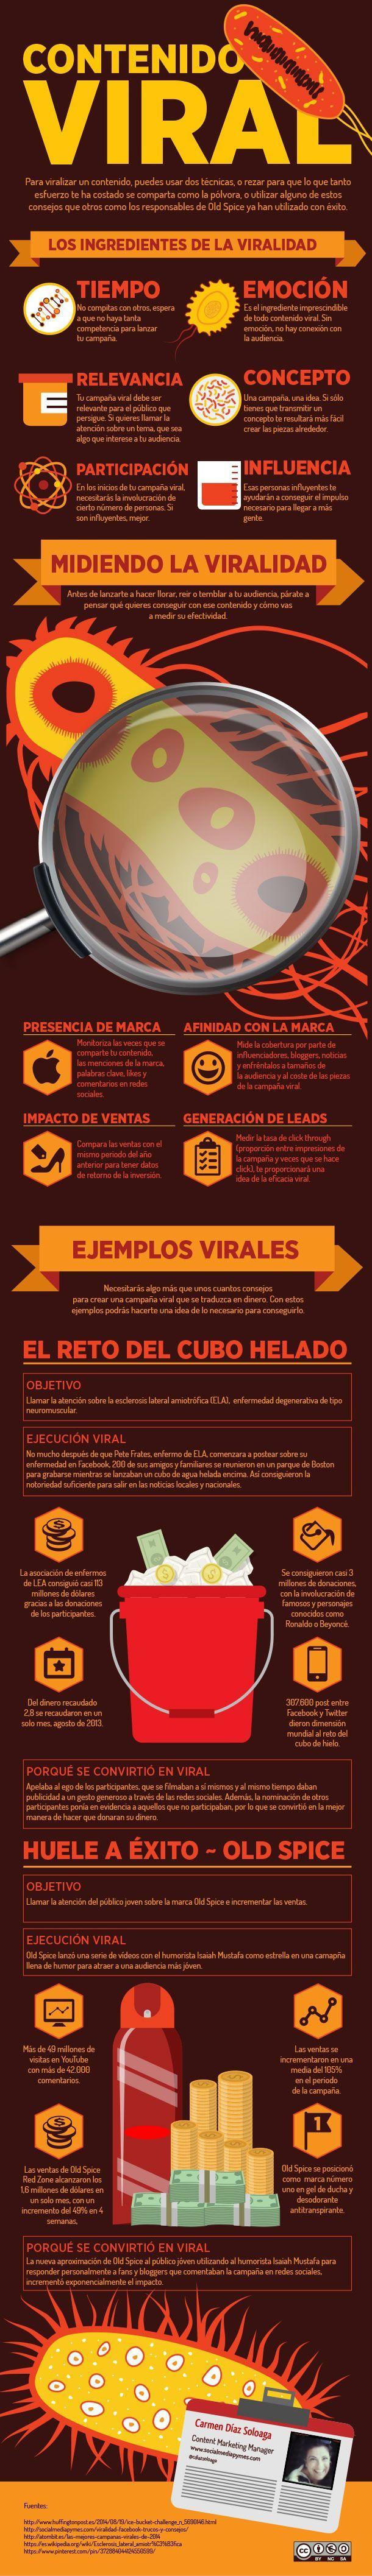 Cómo poner una campaña viral en medios sociales. Análisis en infografía.